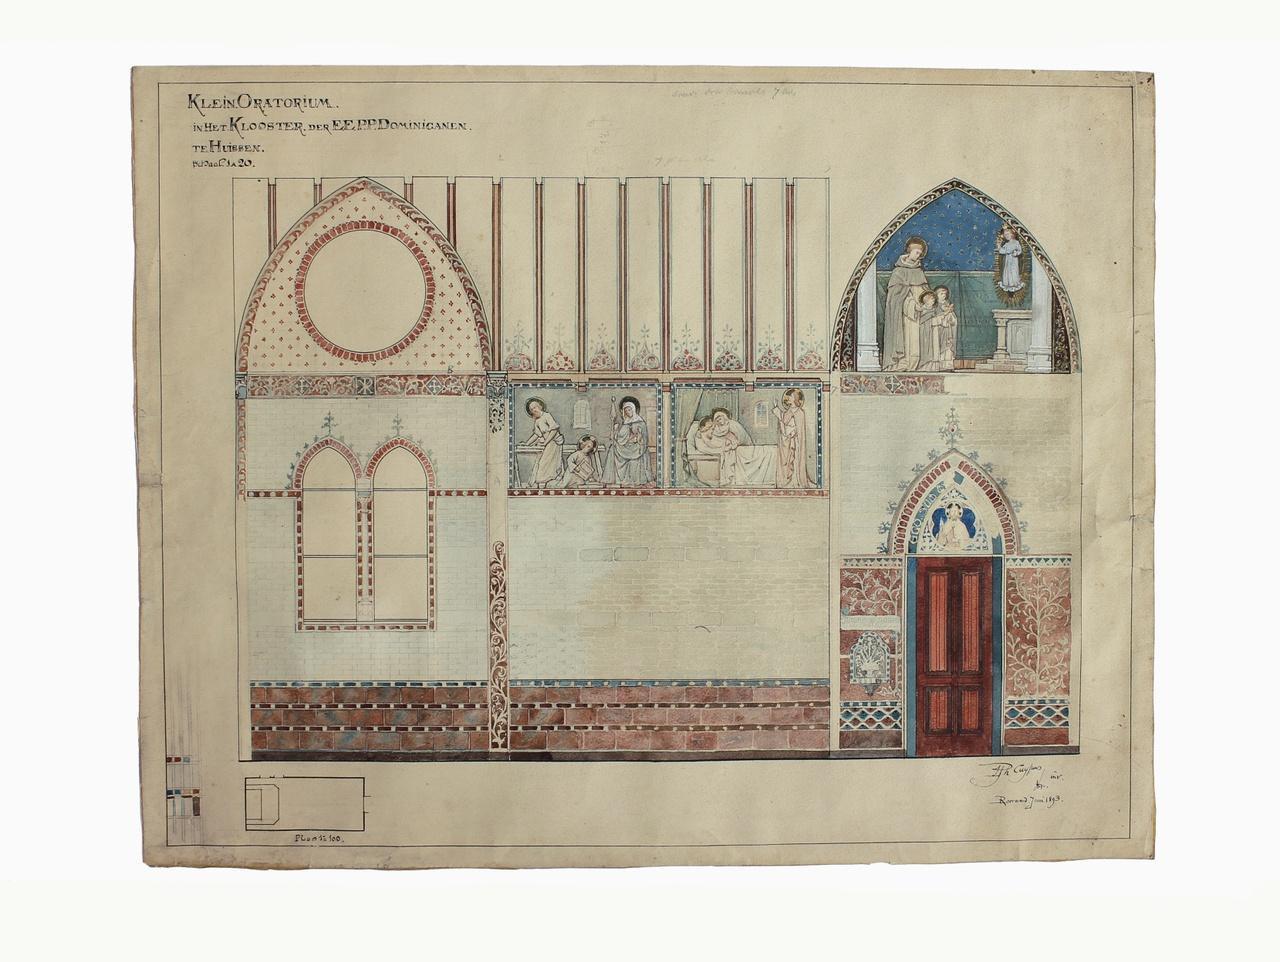 Ingekleurde ontwerptekening Klein Oratorium Dominicanenklooster te Huissen